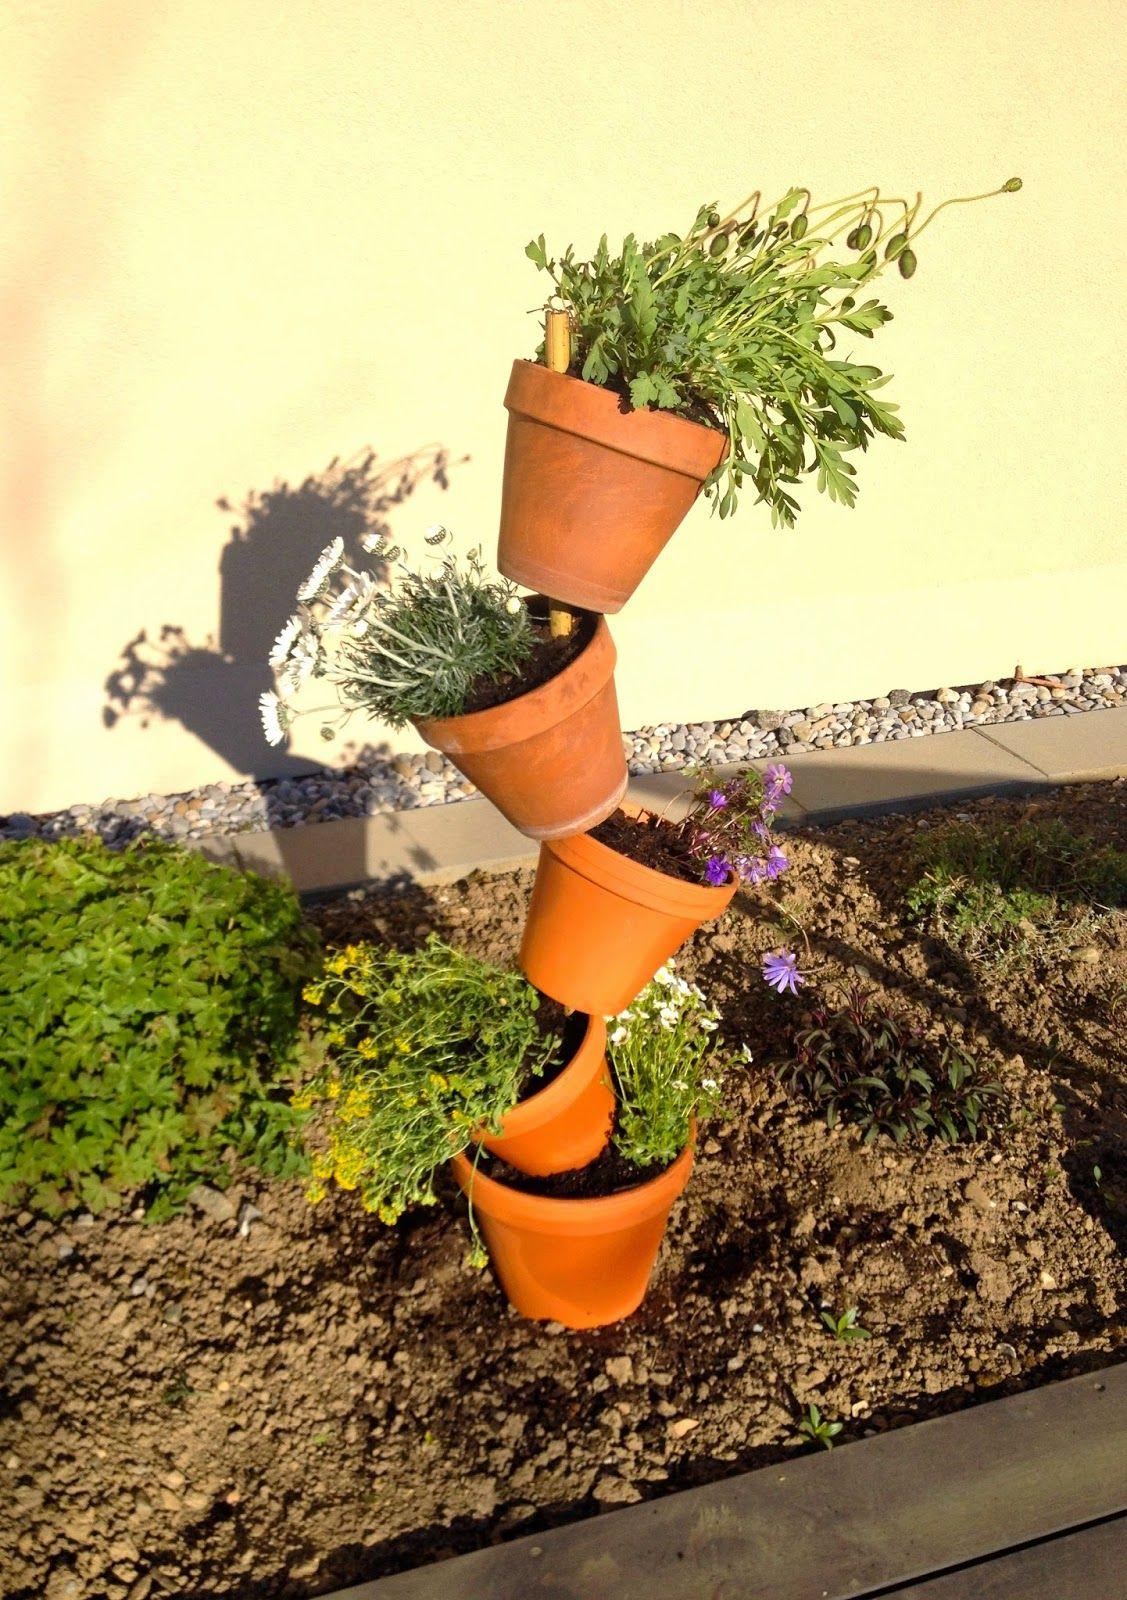 Tour de pots de fleurs / Tilted flower pot tower